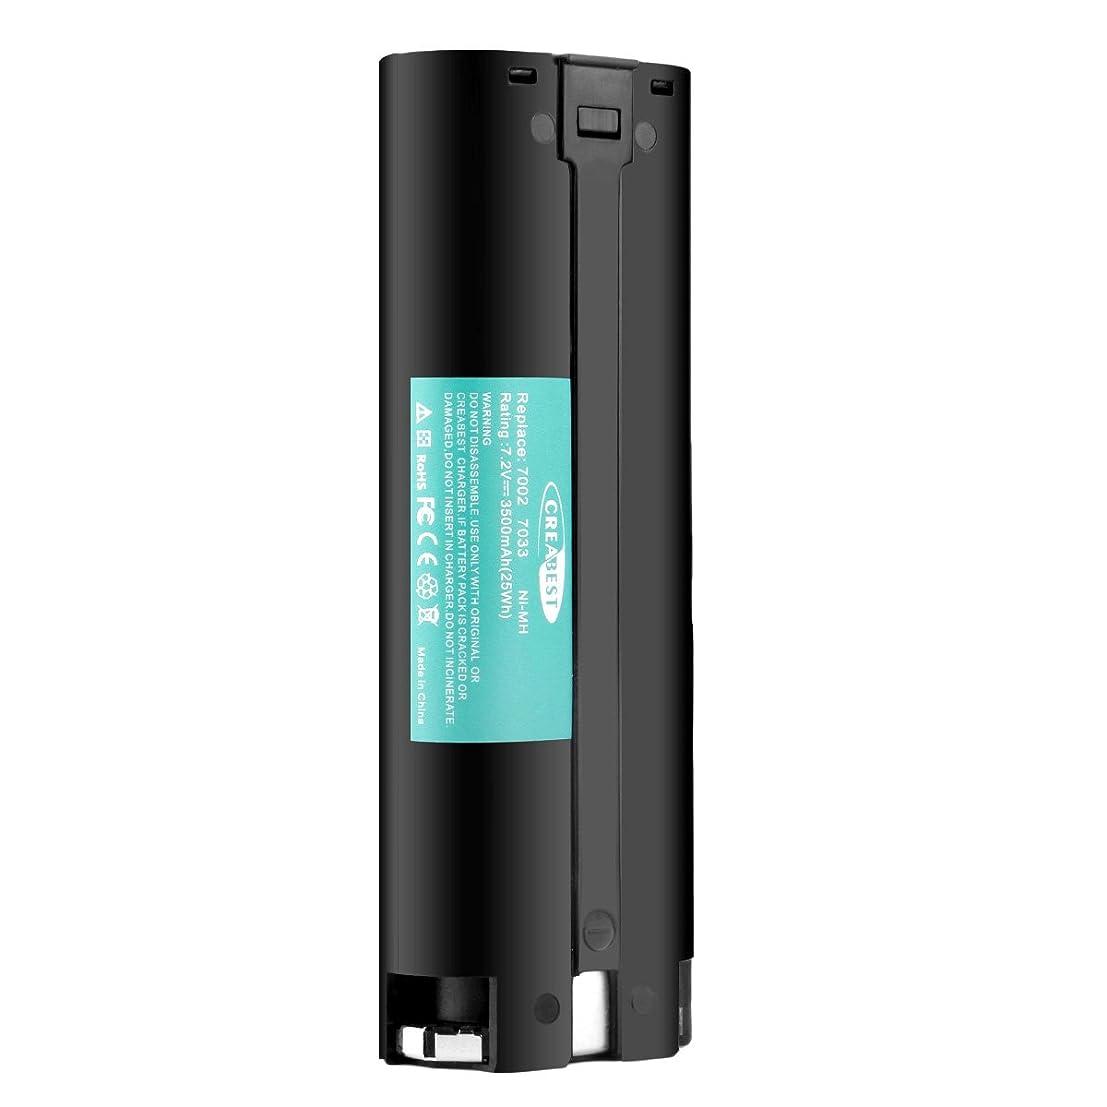 昇る絶対の鋭くCreabest 7.2V 3500mAh ニッケル水素大容量 互換バッテリー Makita マキタ 7000 7002 7033 191679-9 192532-2 192695-4 632002-4 632003-2 互換バッテリー